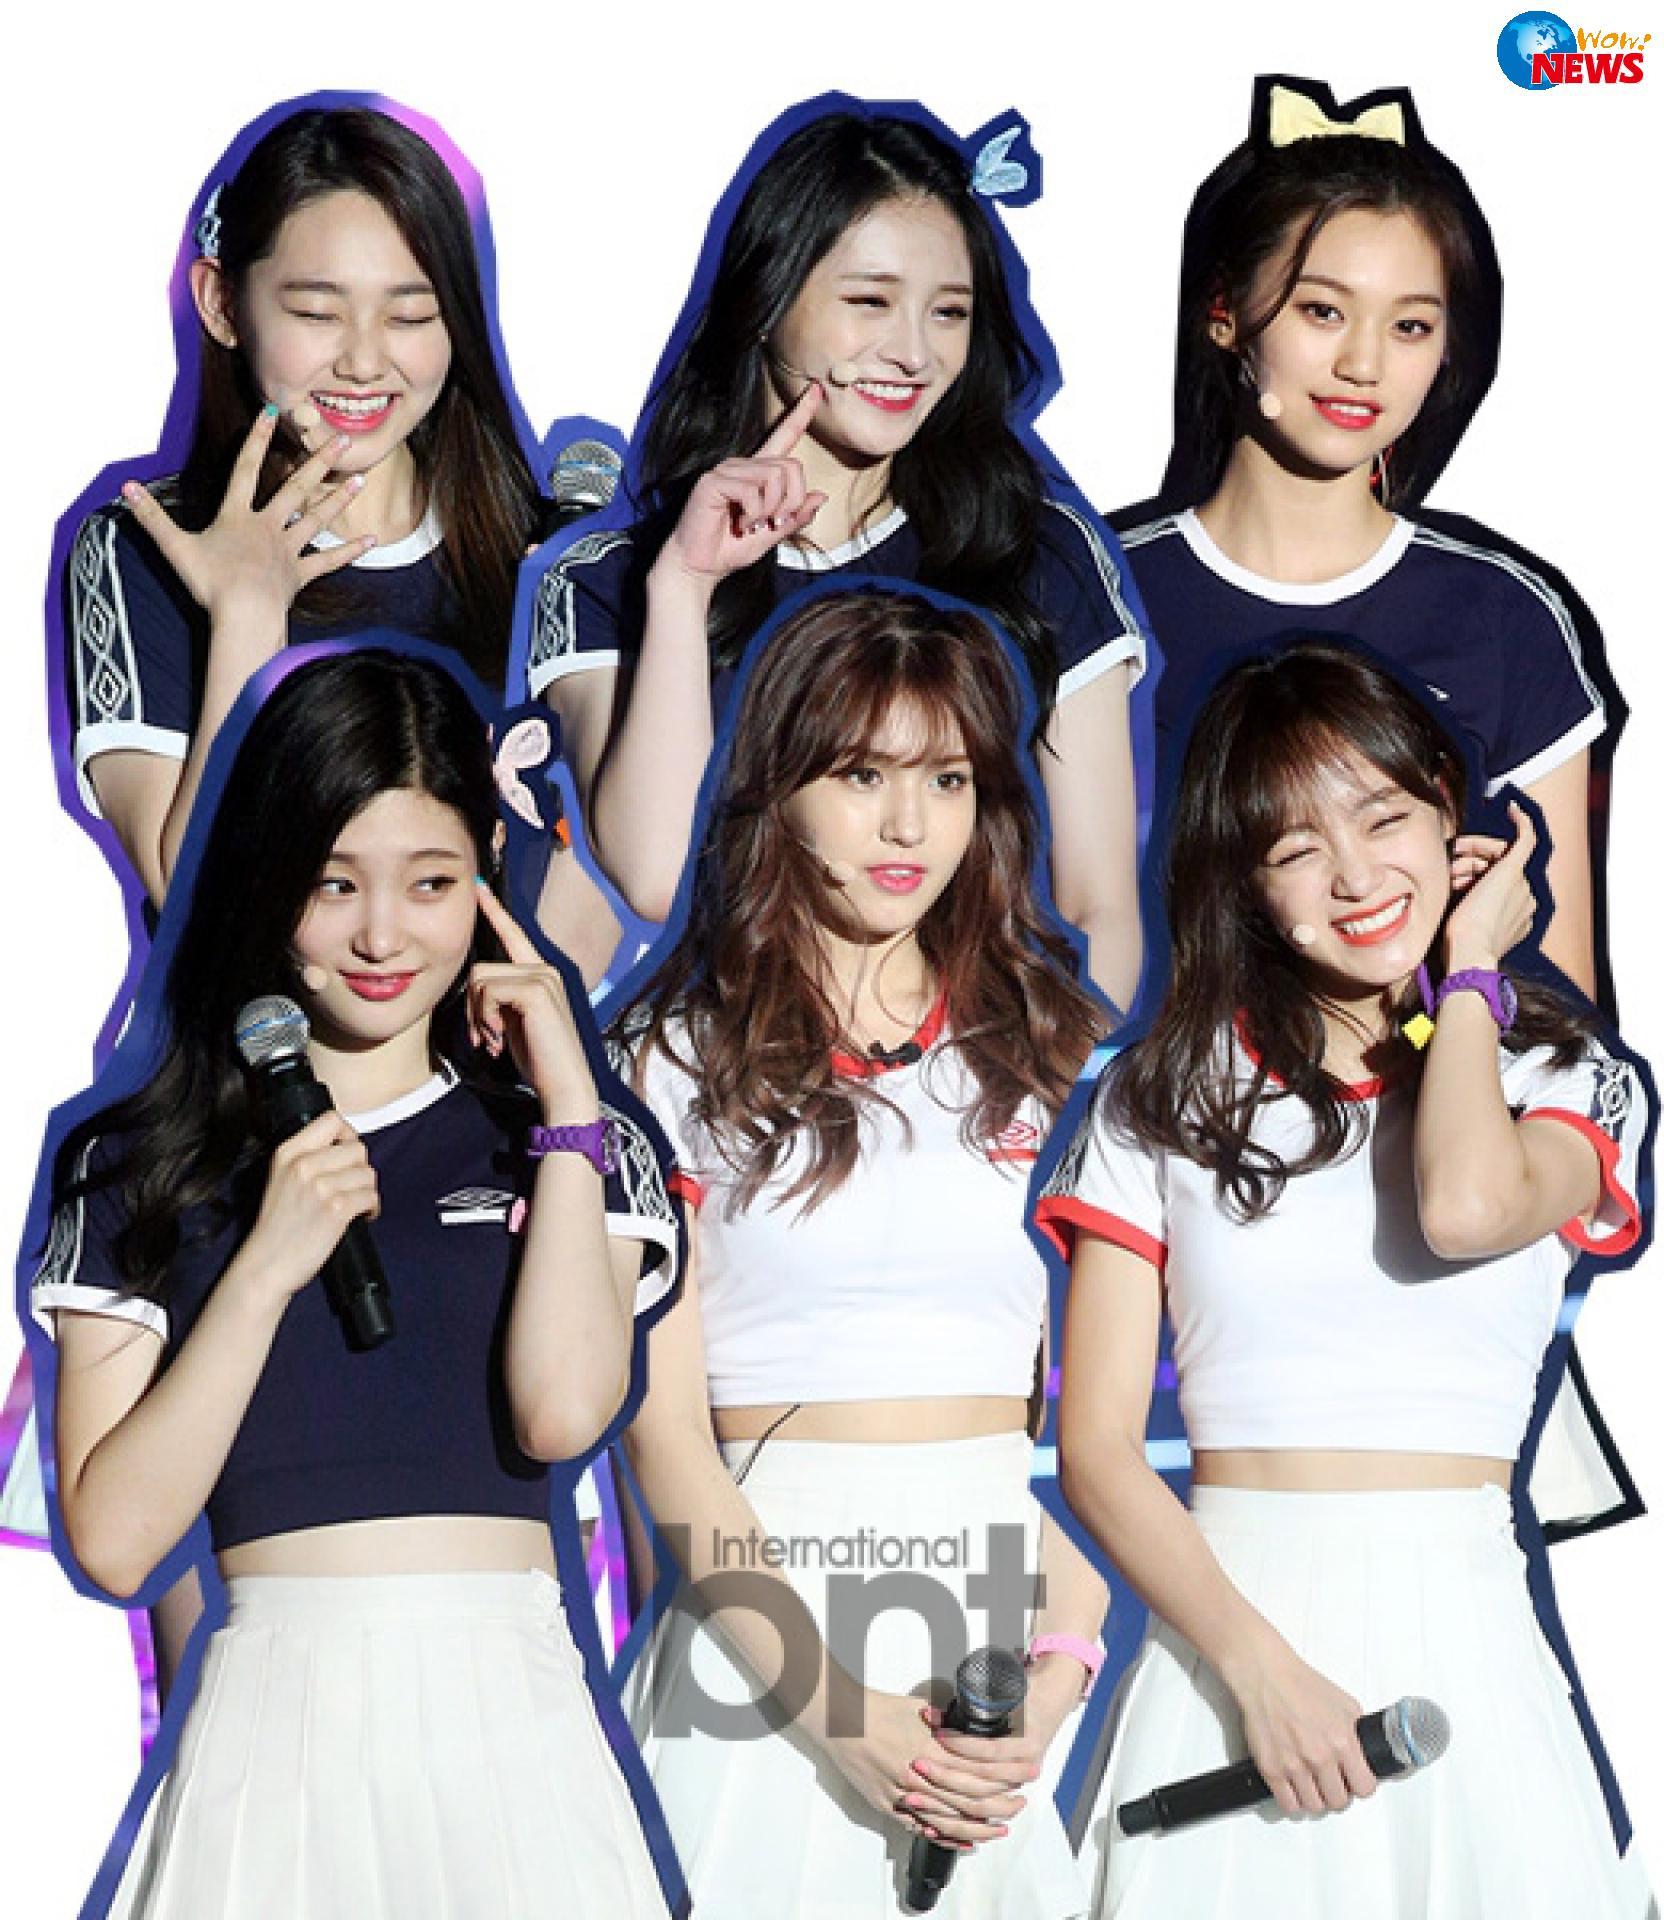 bnt新闻讯 5月4日,韩国国民女子组合i.o.i正式出道.